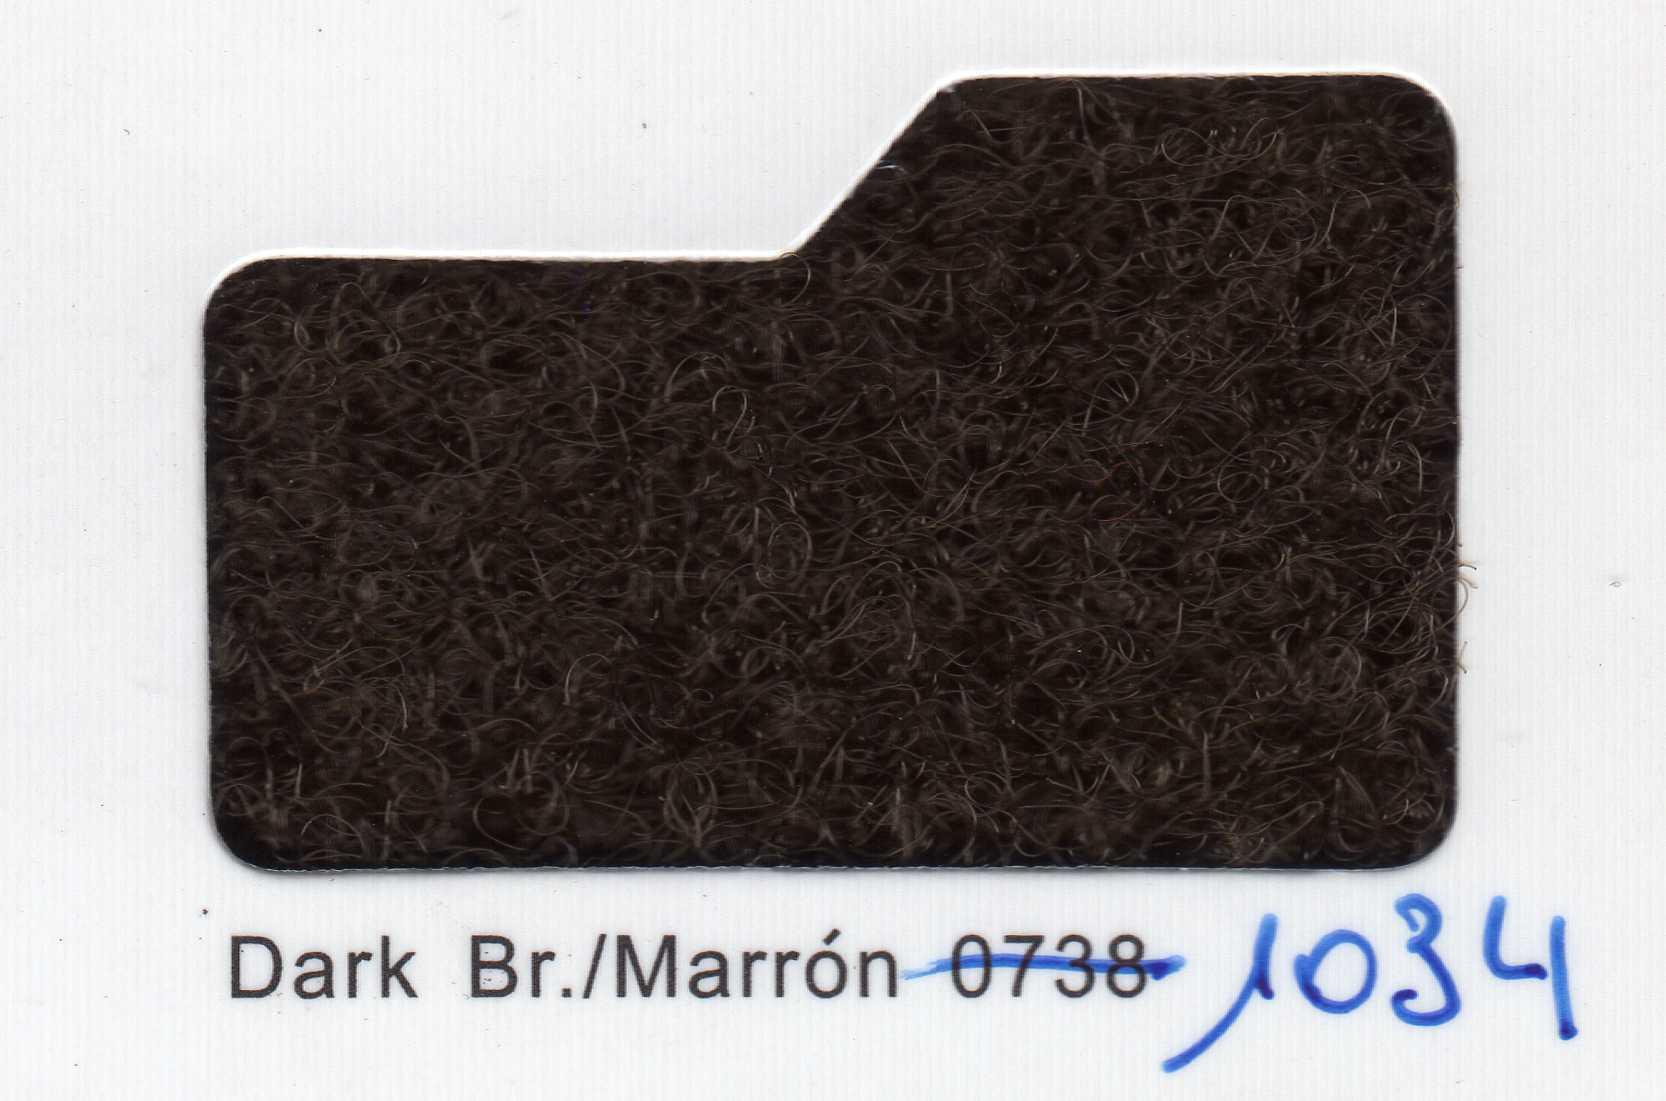 Cinta de cierre Velcro-Veraco 20mm Marrón 1034 (Rizo).